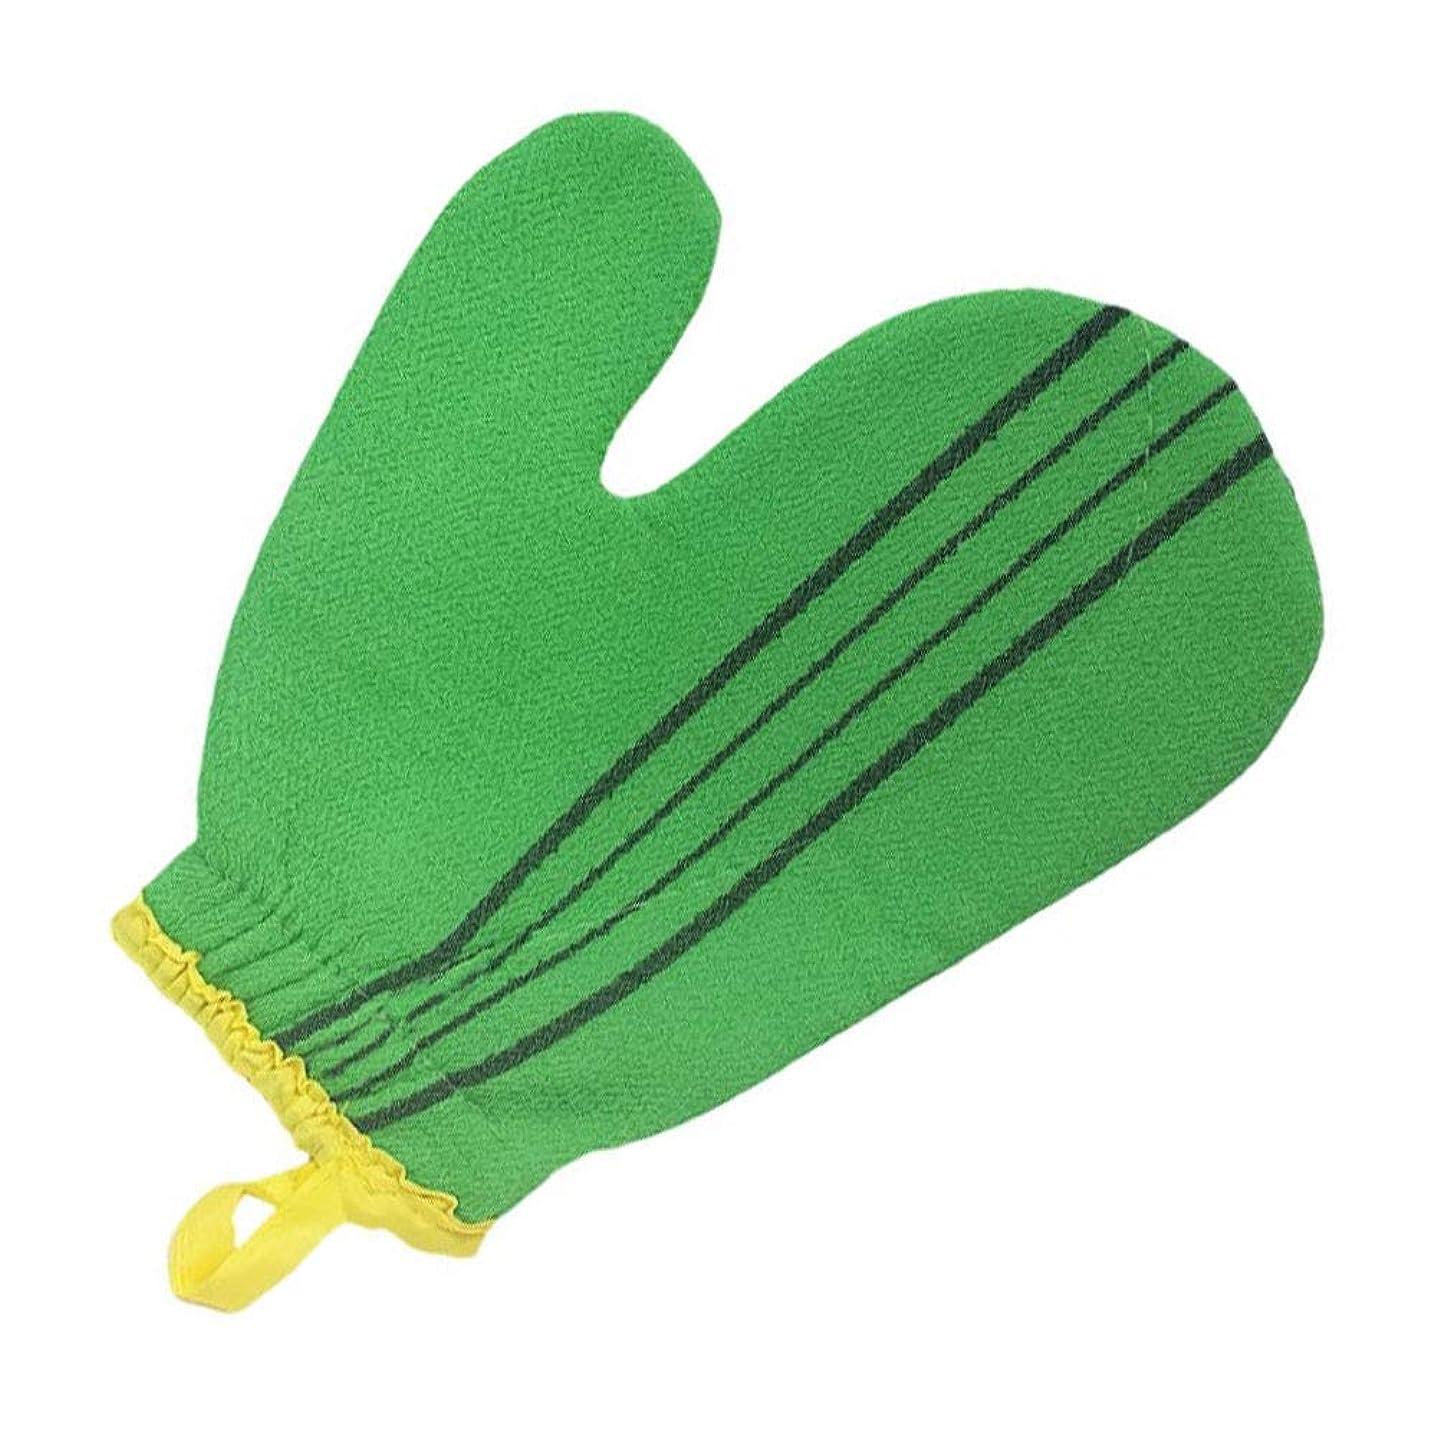 ボス三角形主人(韓国ブランド) 特大サイズ スポンジあかすり 手袋型 全身エステ 両面つばあかすり お風呂グッズ ボディタオル ボディースポンジ